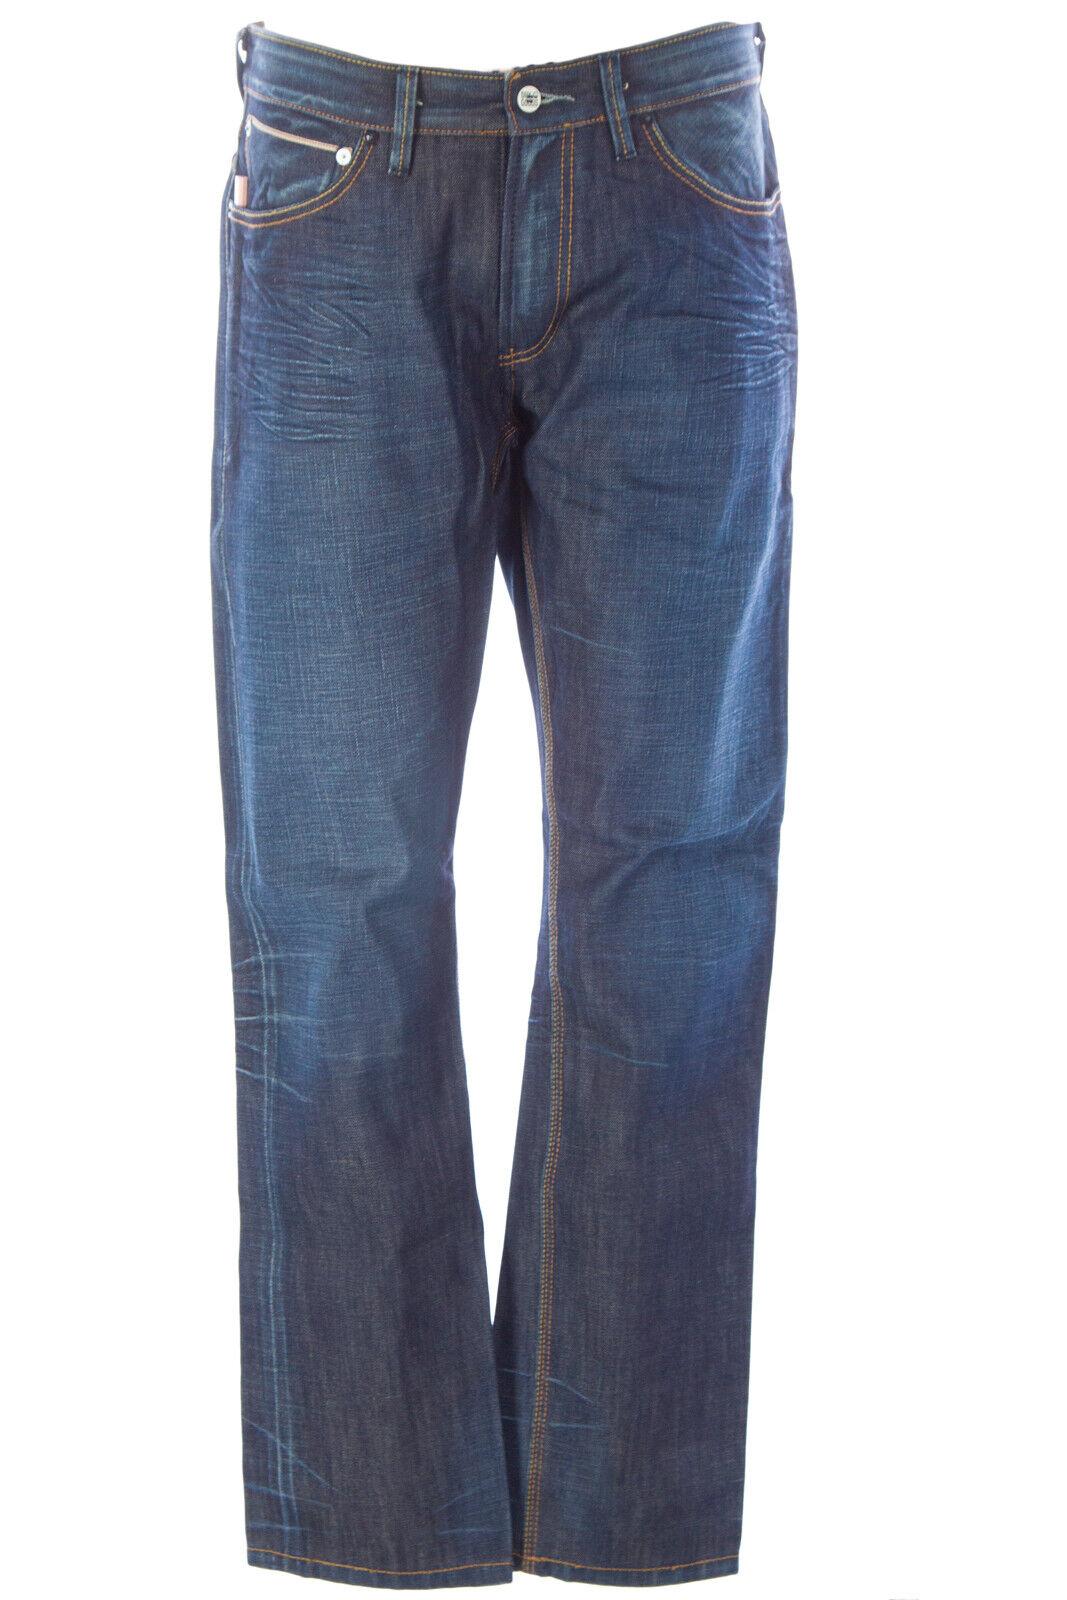 Blu Sangue Uomo Aim Cs Jeans Jeans Mdgs0725 Nuova con Etichetta